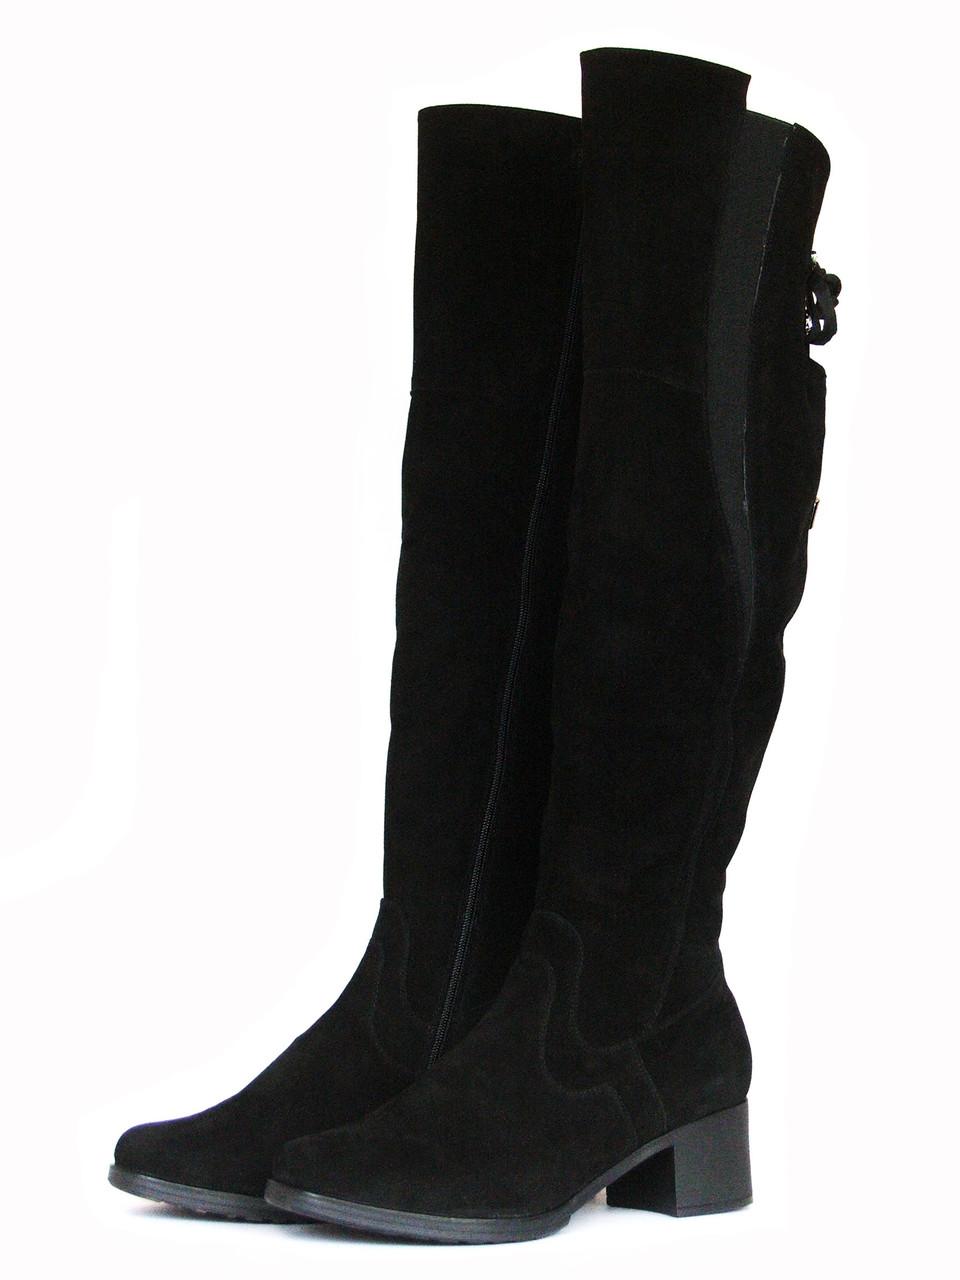 Замшевые ботфорты на каблуке